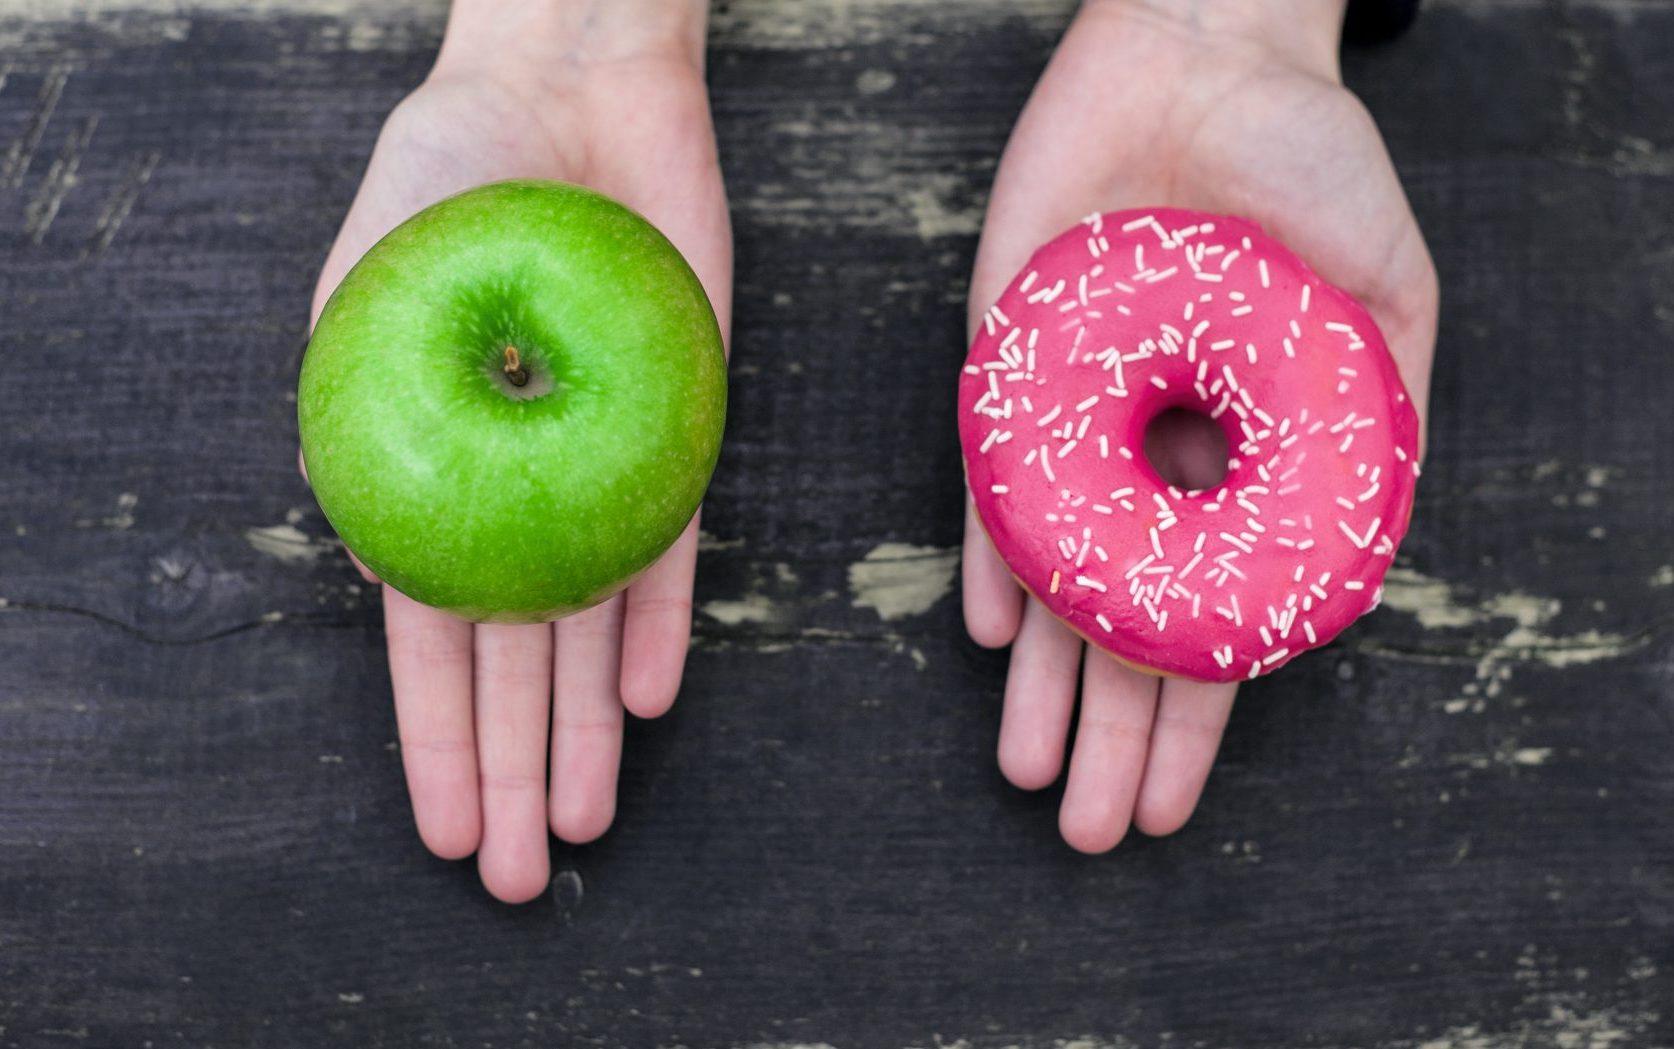 apple vs donut